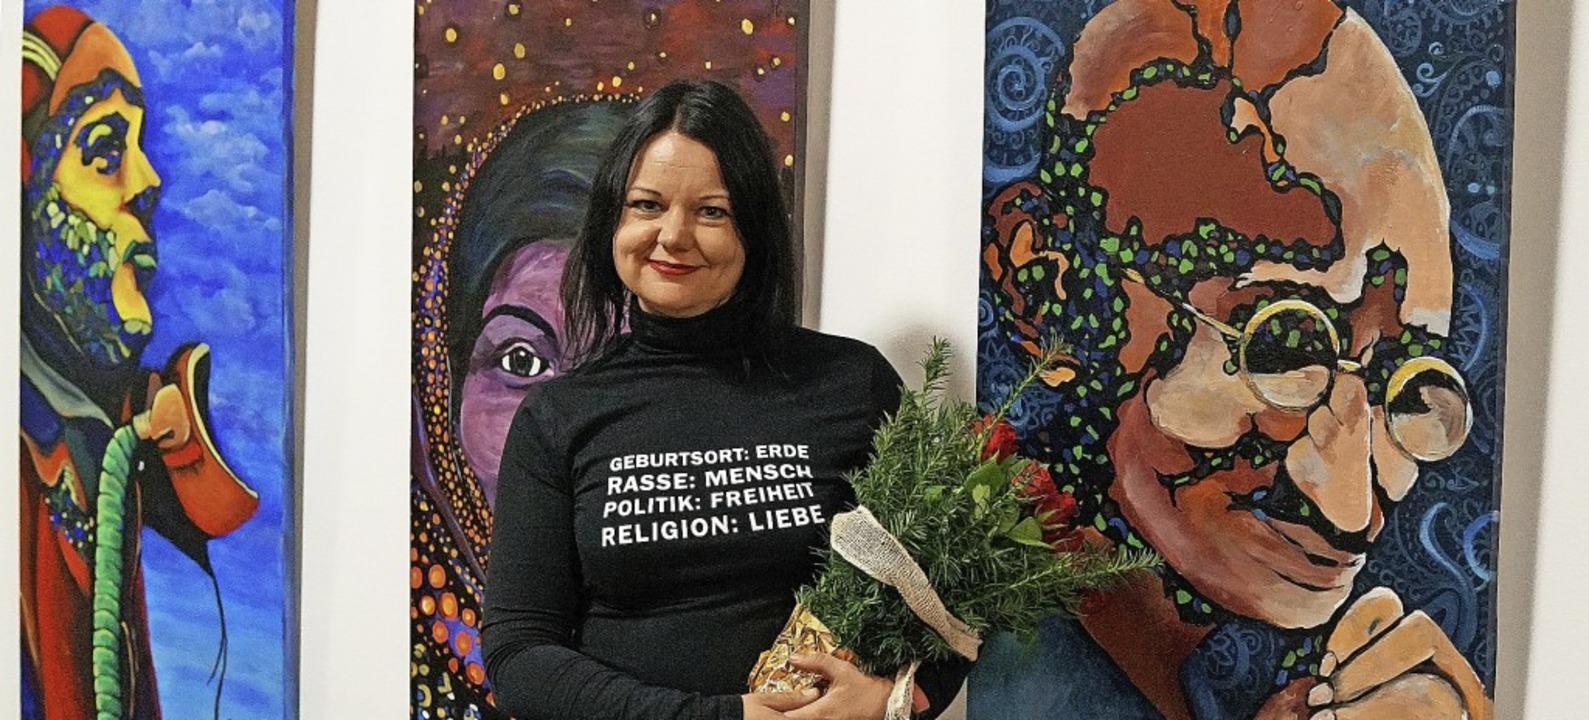 Die Wyhler Künstlerin Katja Linse vor ... ihrer Ausstellung im Wyhler Rathaus.   | Foto: Jürgen Schweizer